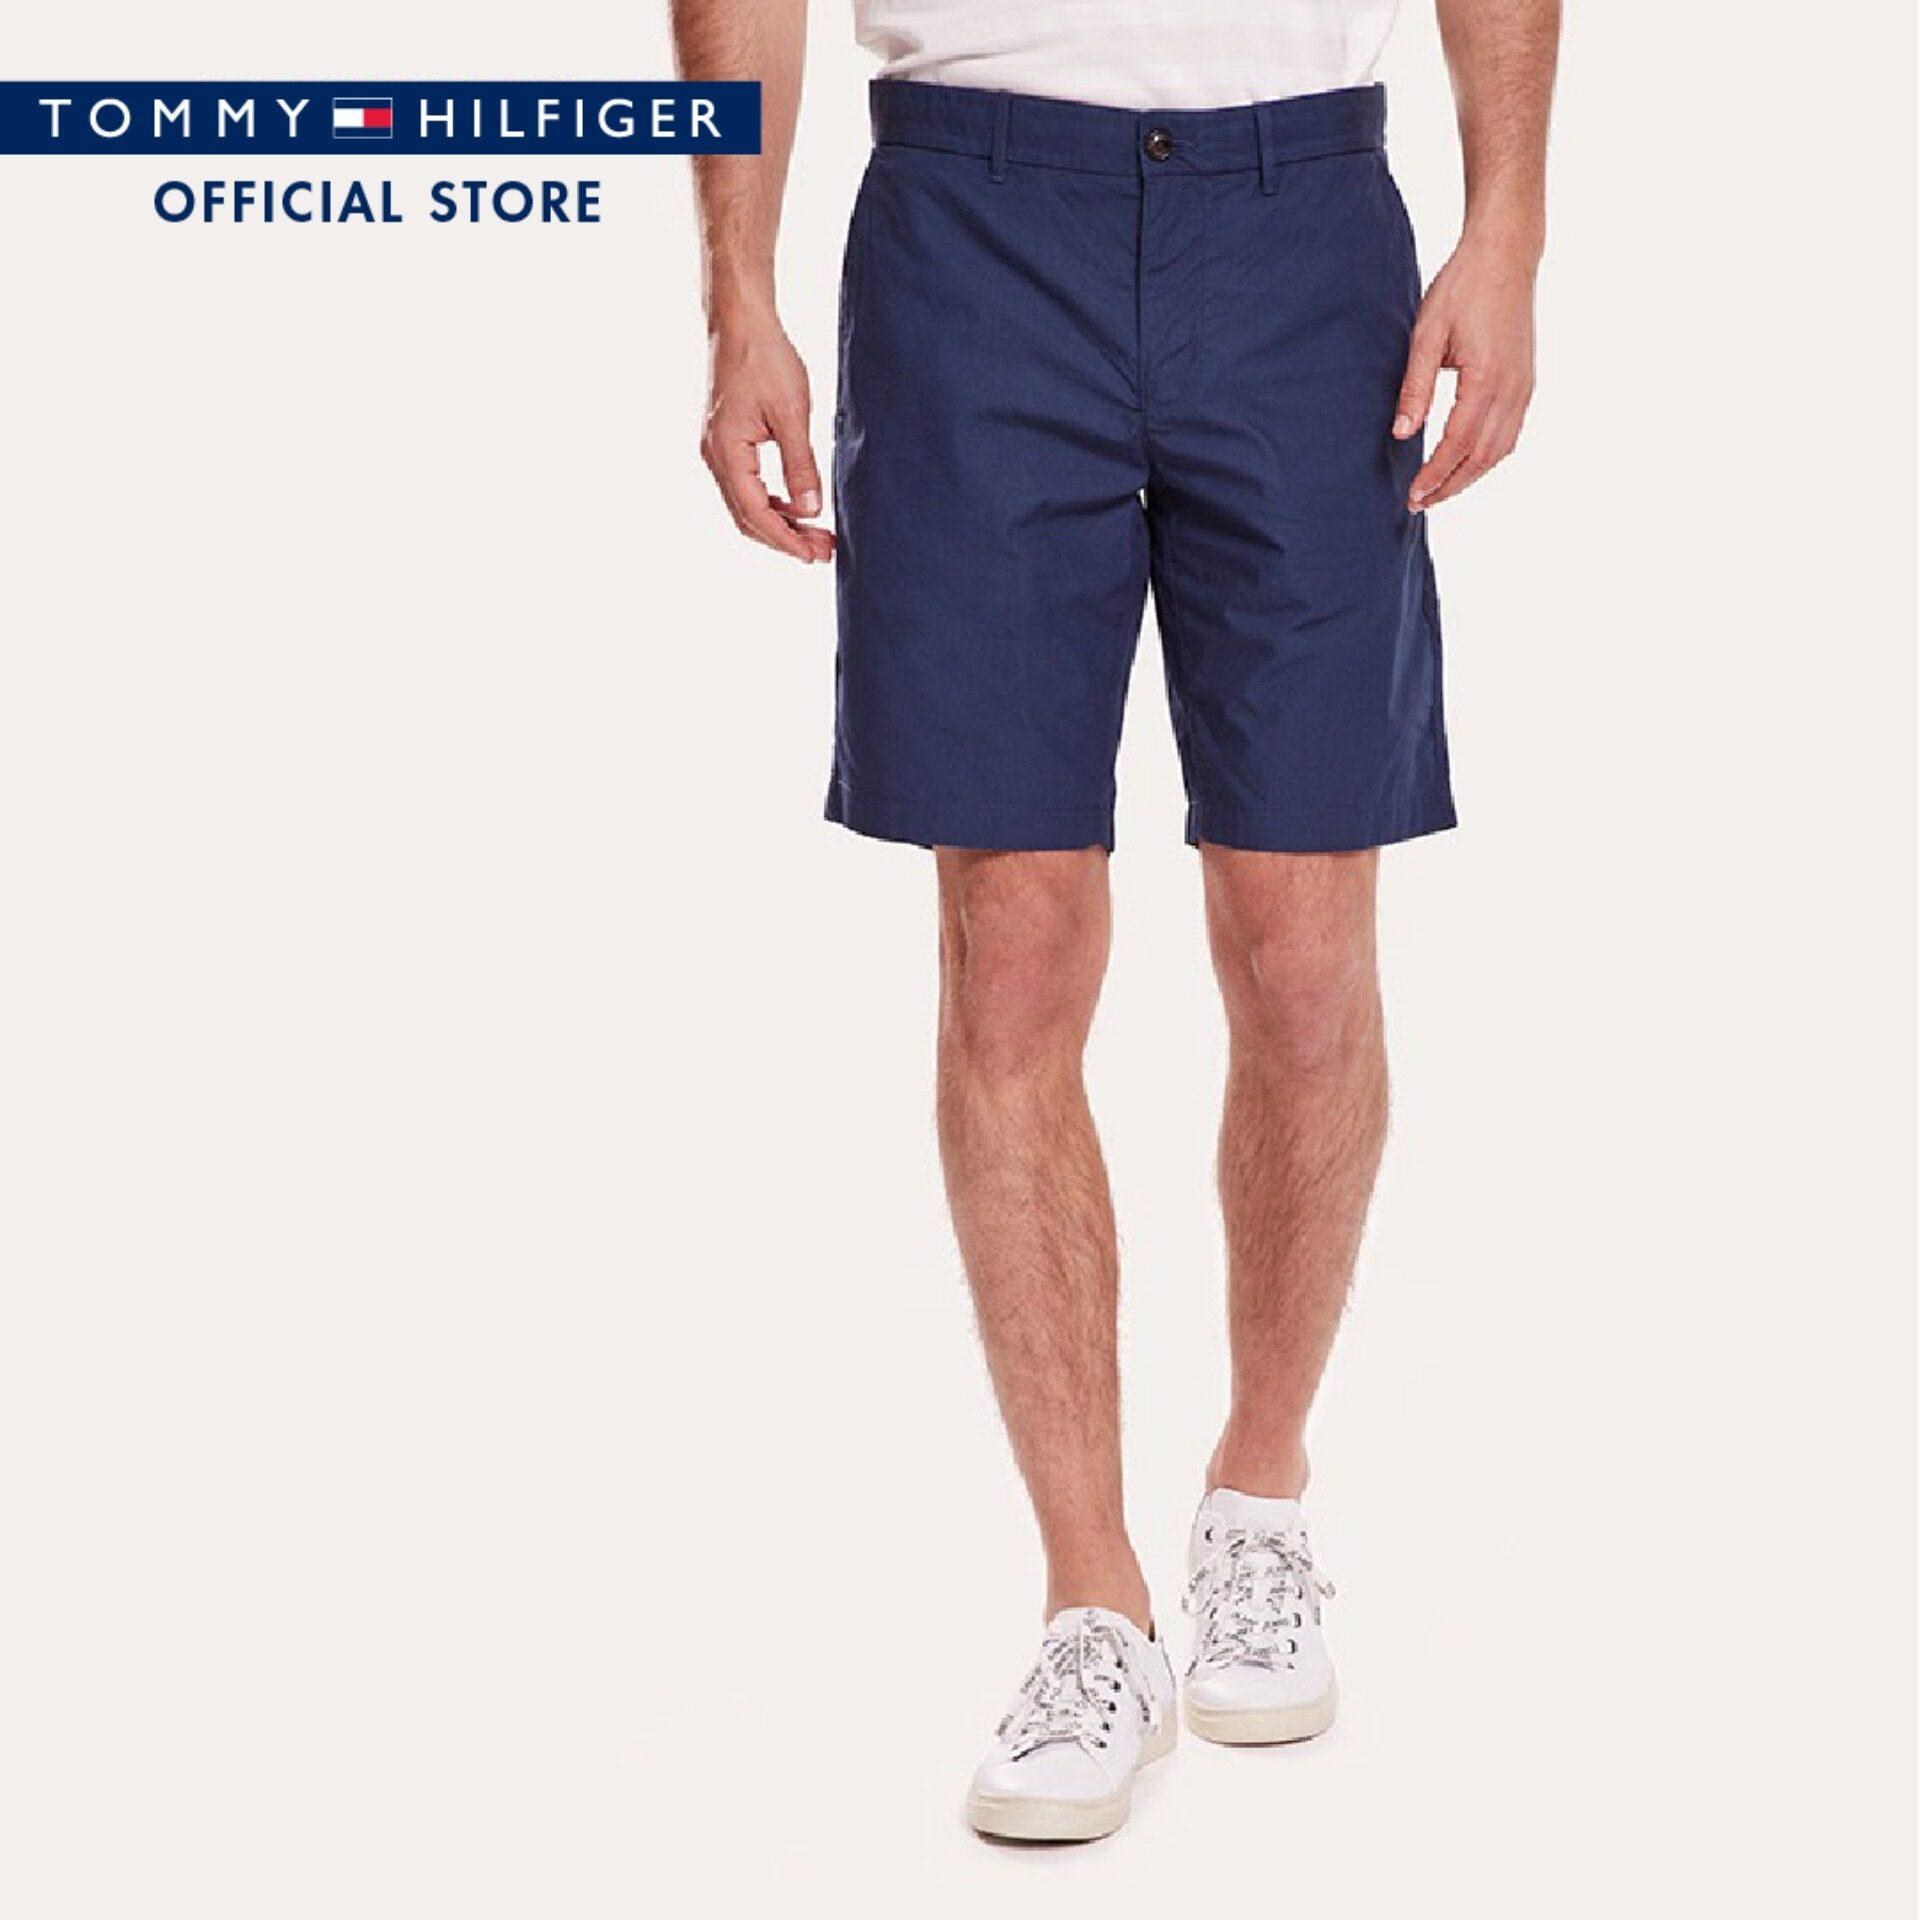 Tommy Hilfiger กางเกงขาสั้นชาย รุ่น MW0MW09641 สีน้ำเงิน